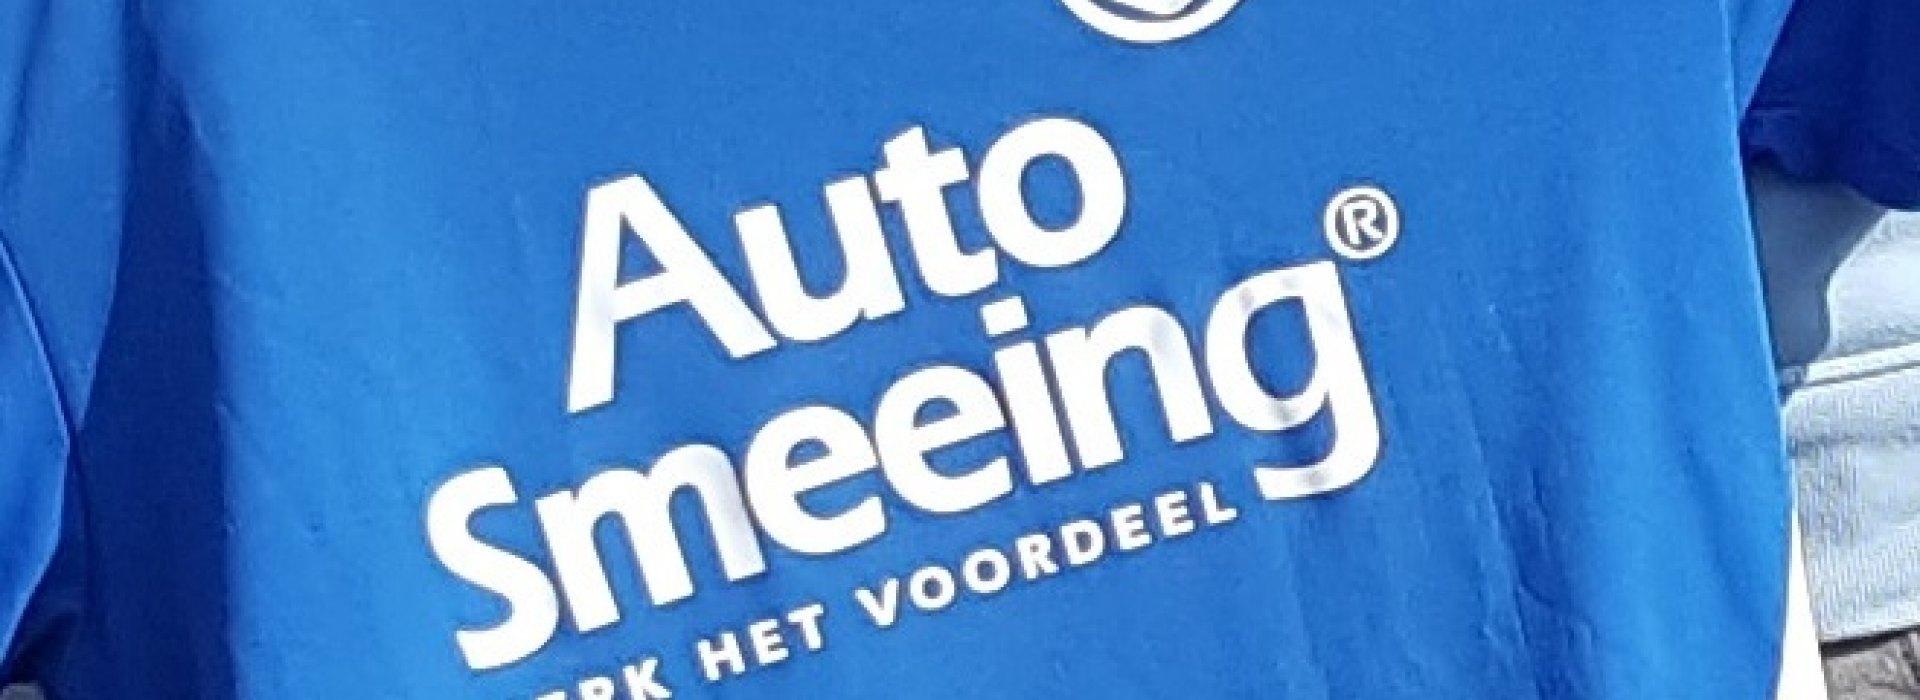 Auto Smeeing verlengt sponsorcontract tot 2023